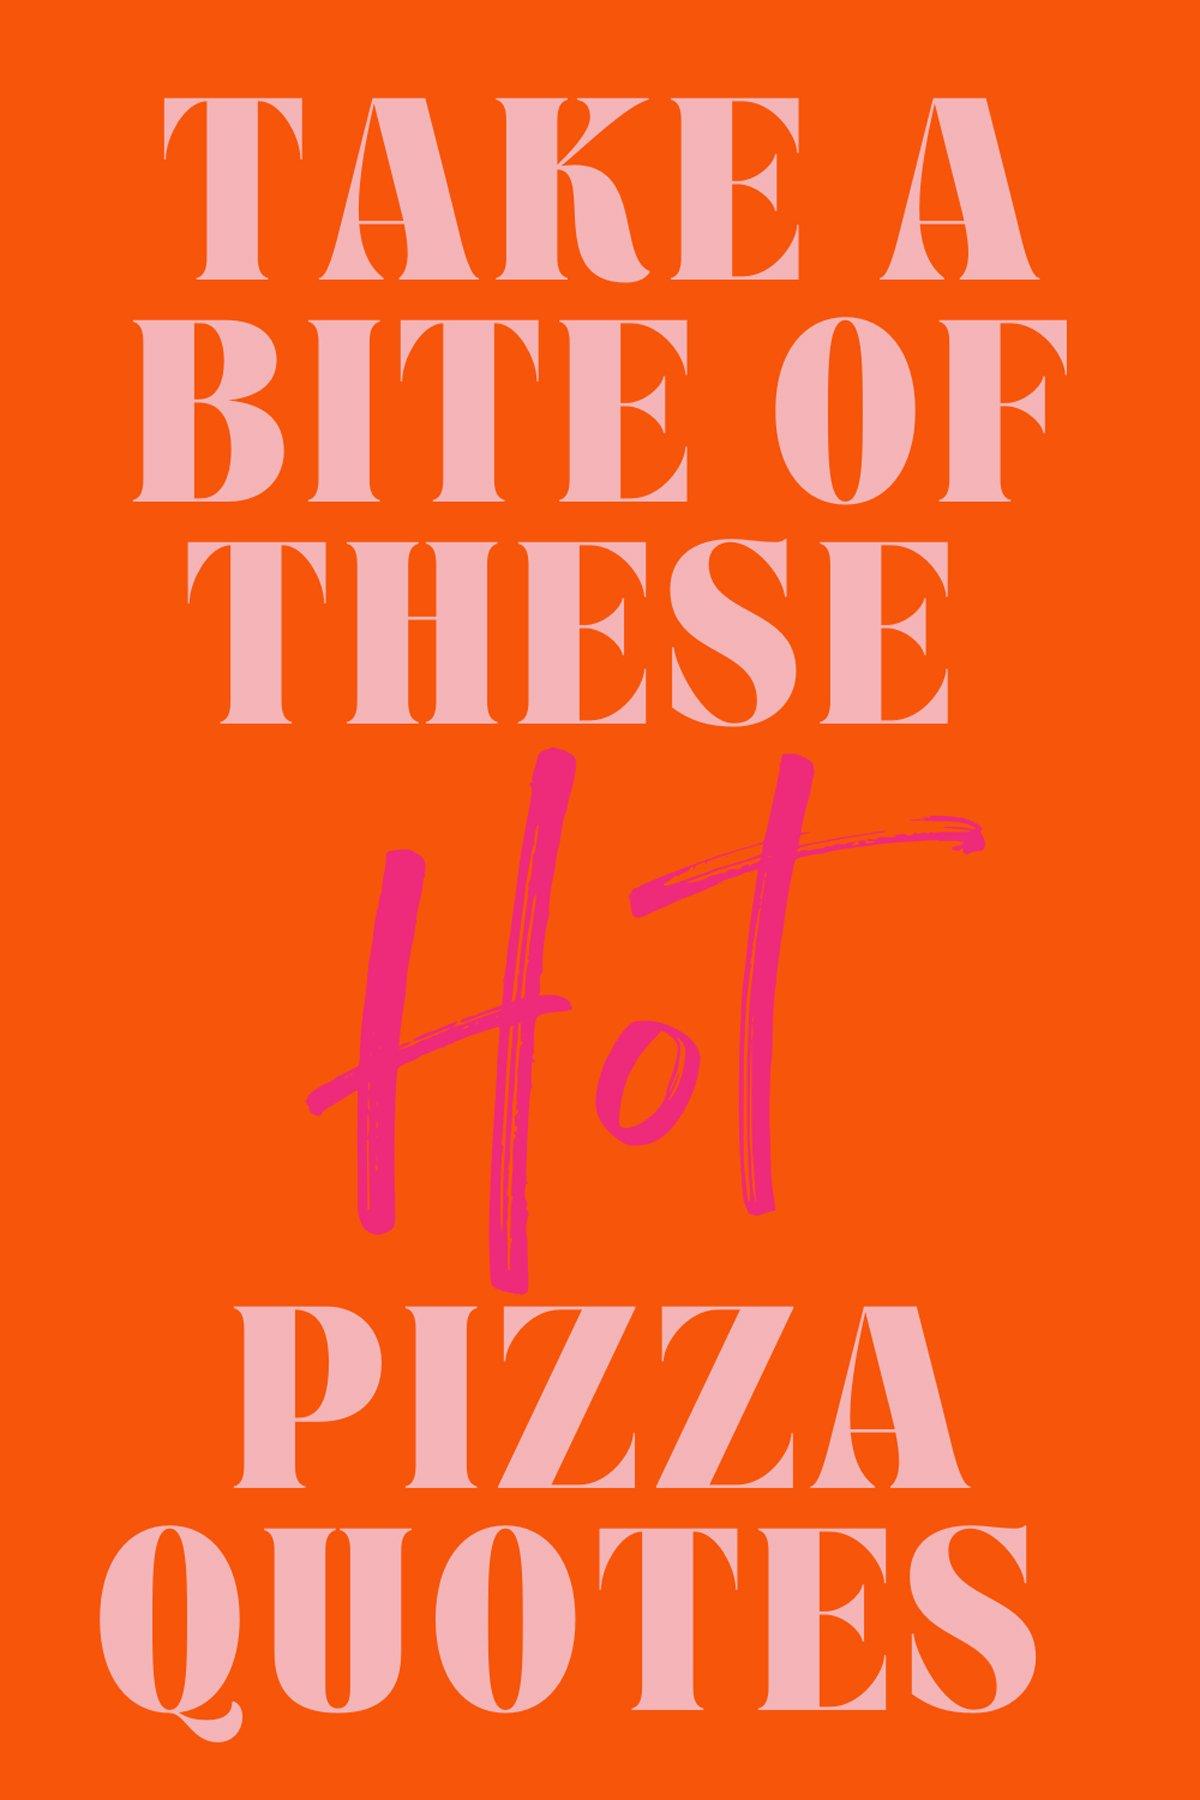 Pizza Phrases